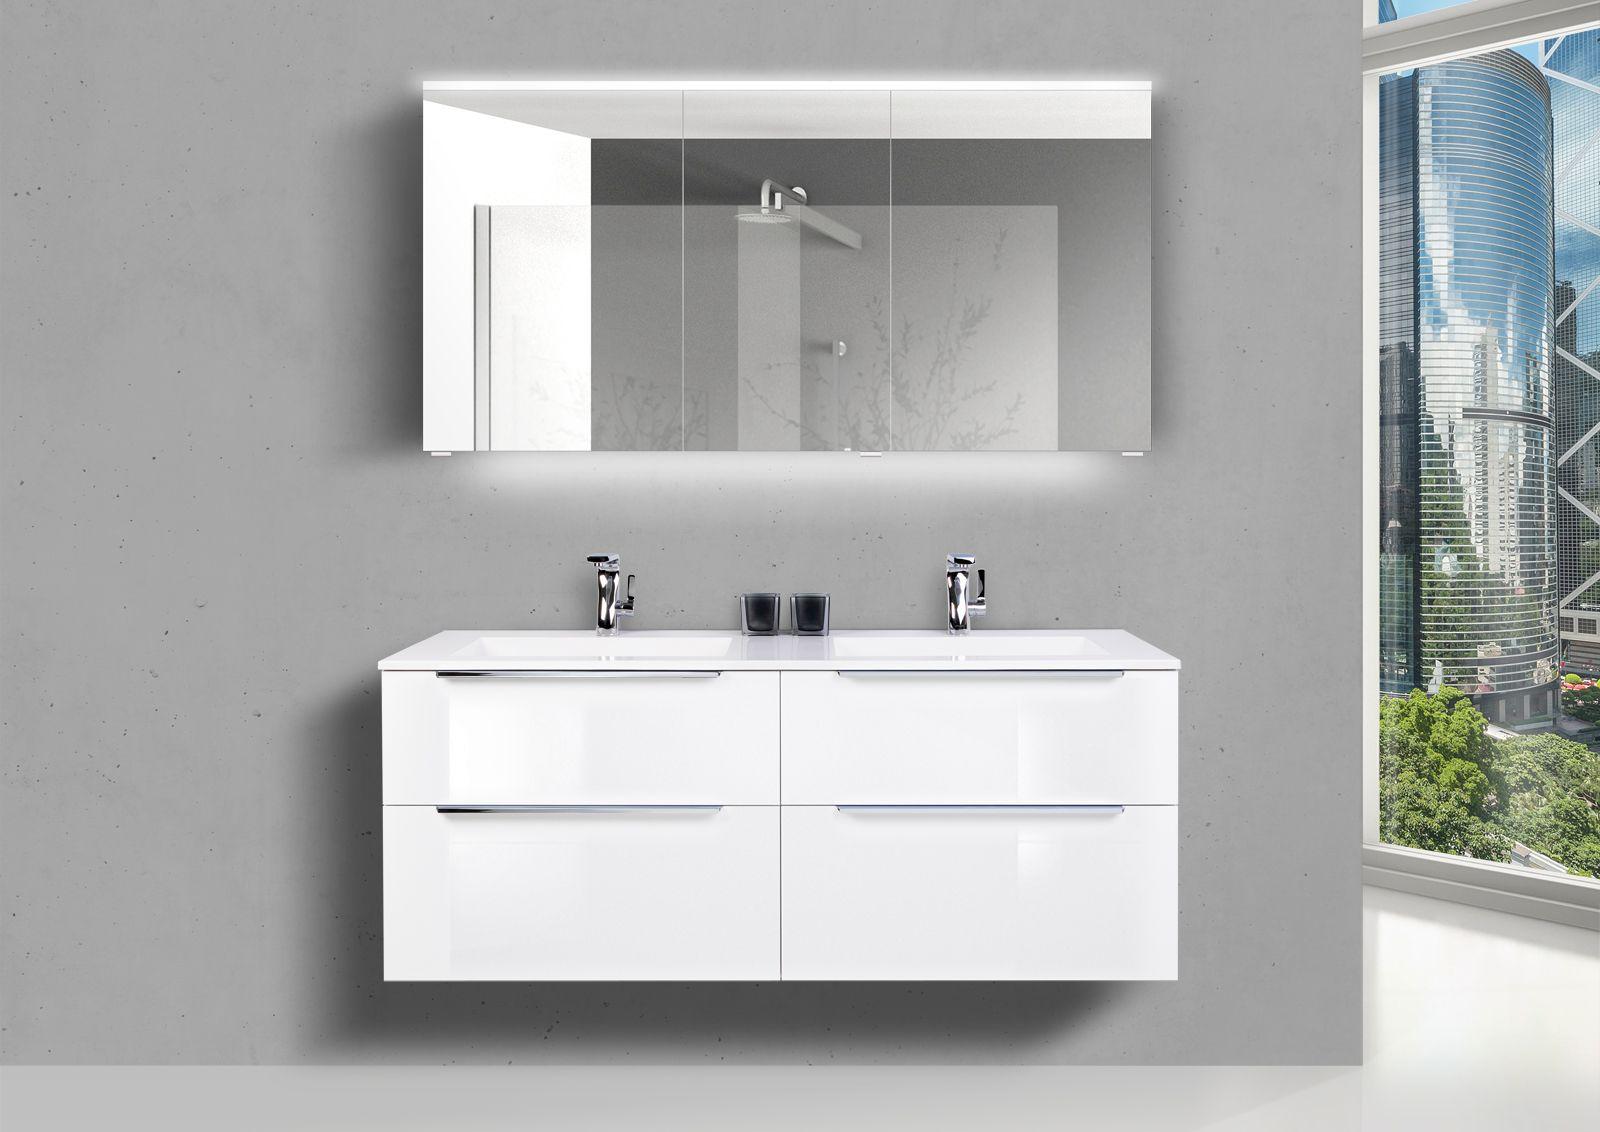 Designbaeder Com Doppelwaschtisch Spiegelschrank Spiegelschrank Led